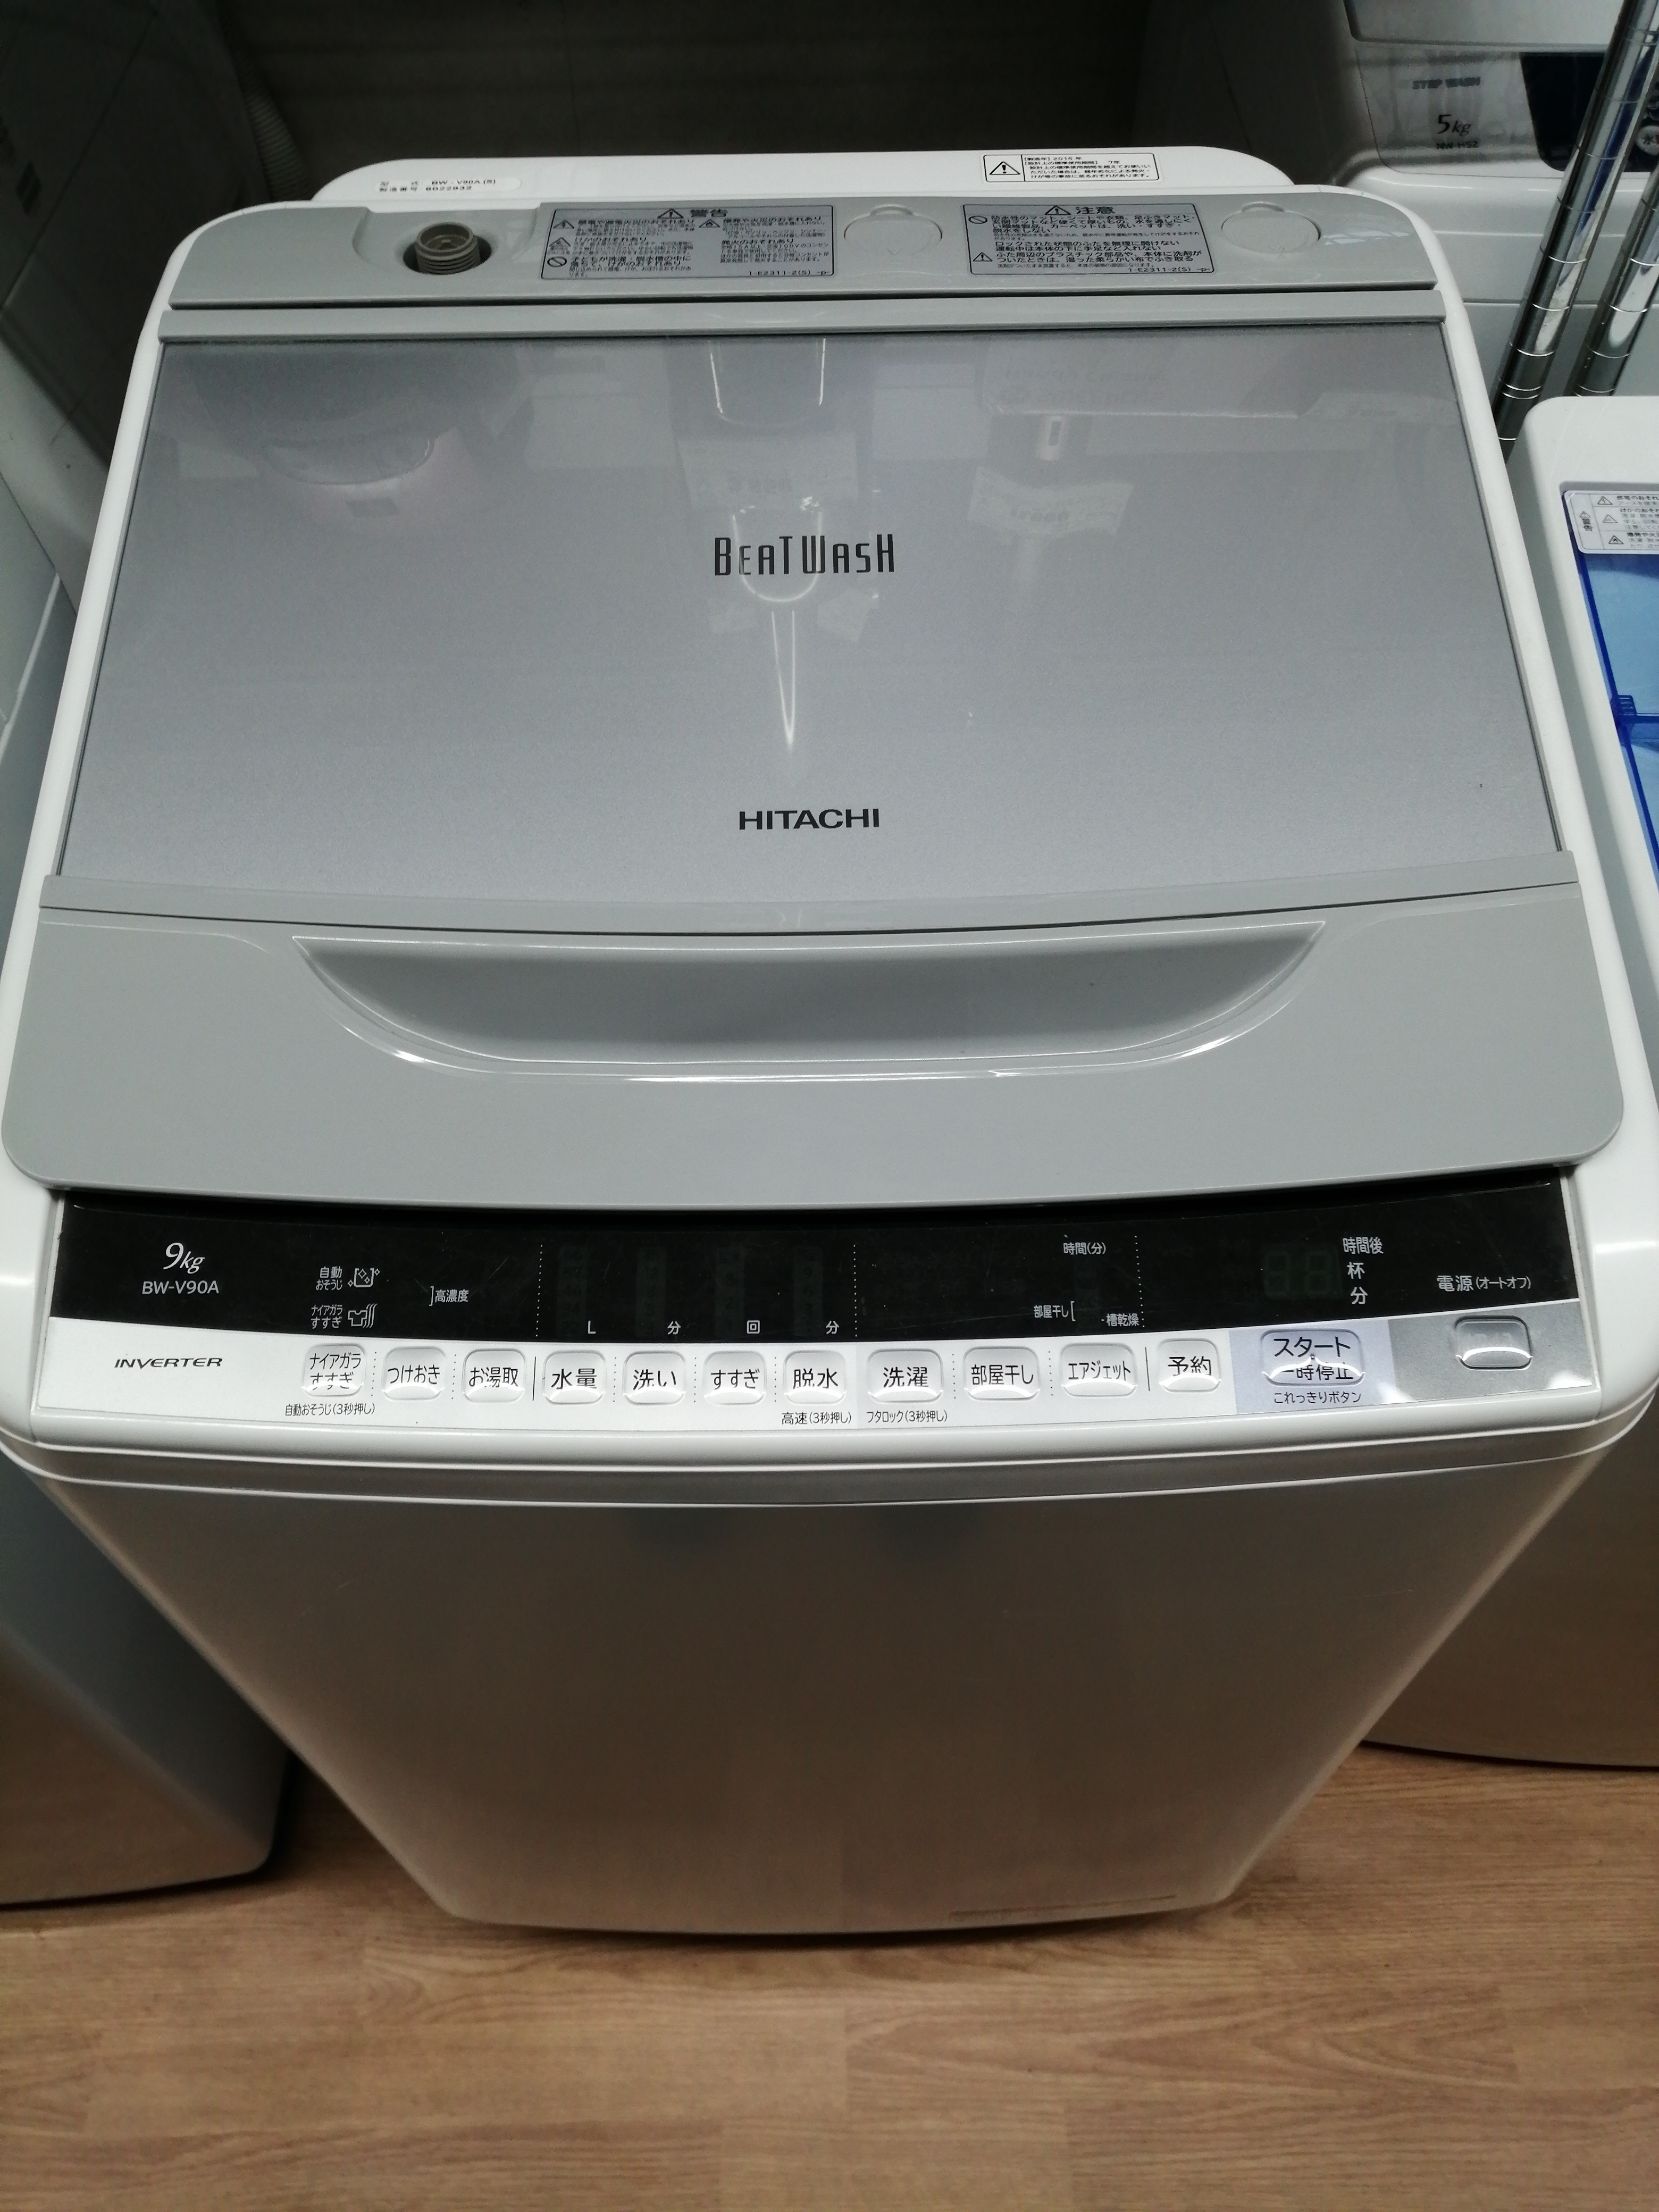 日立全自動電気洗濯機 HITACHI